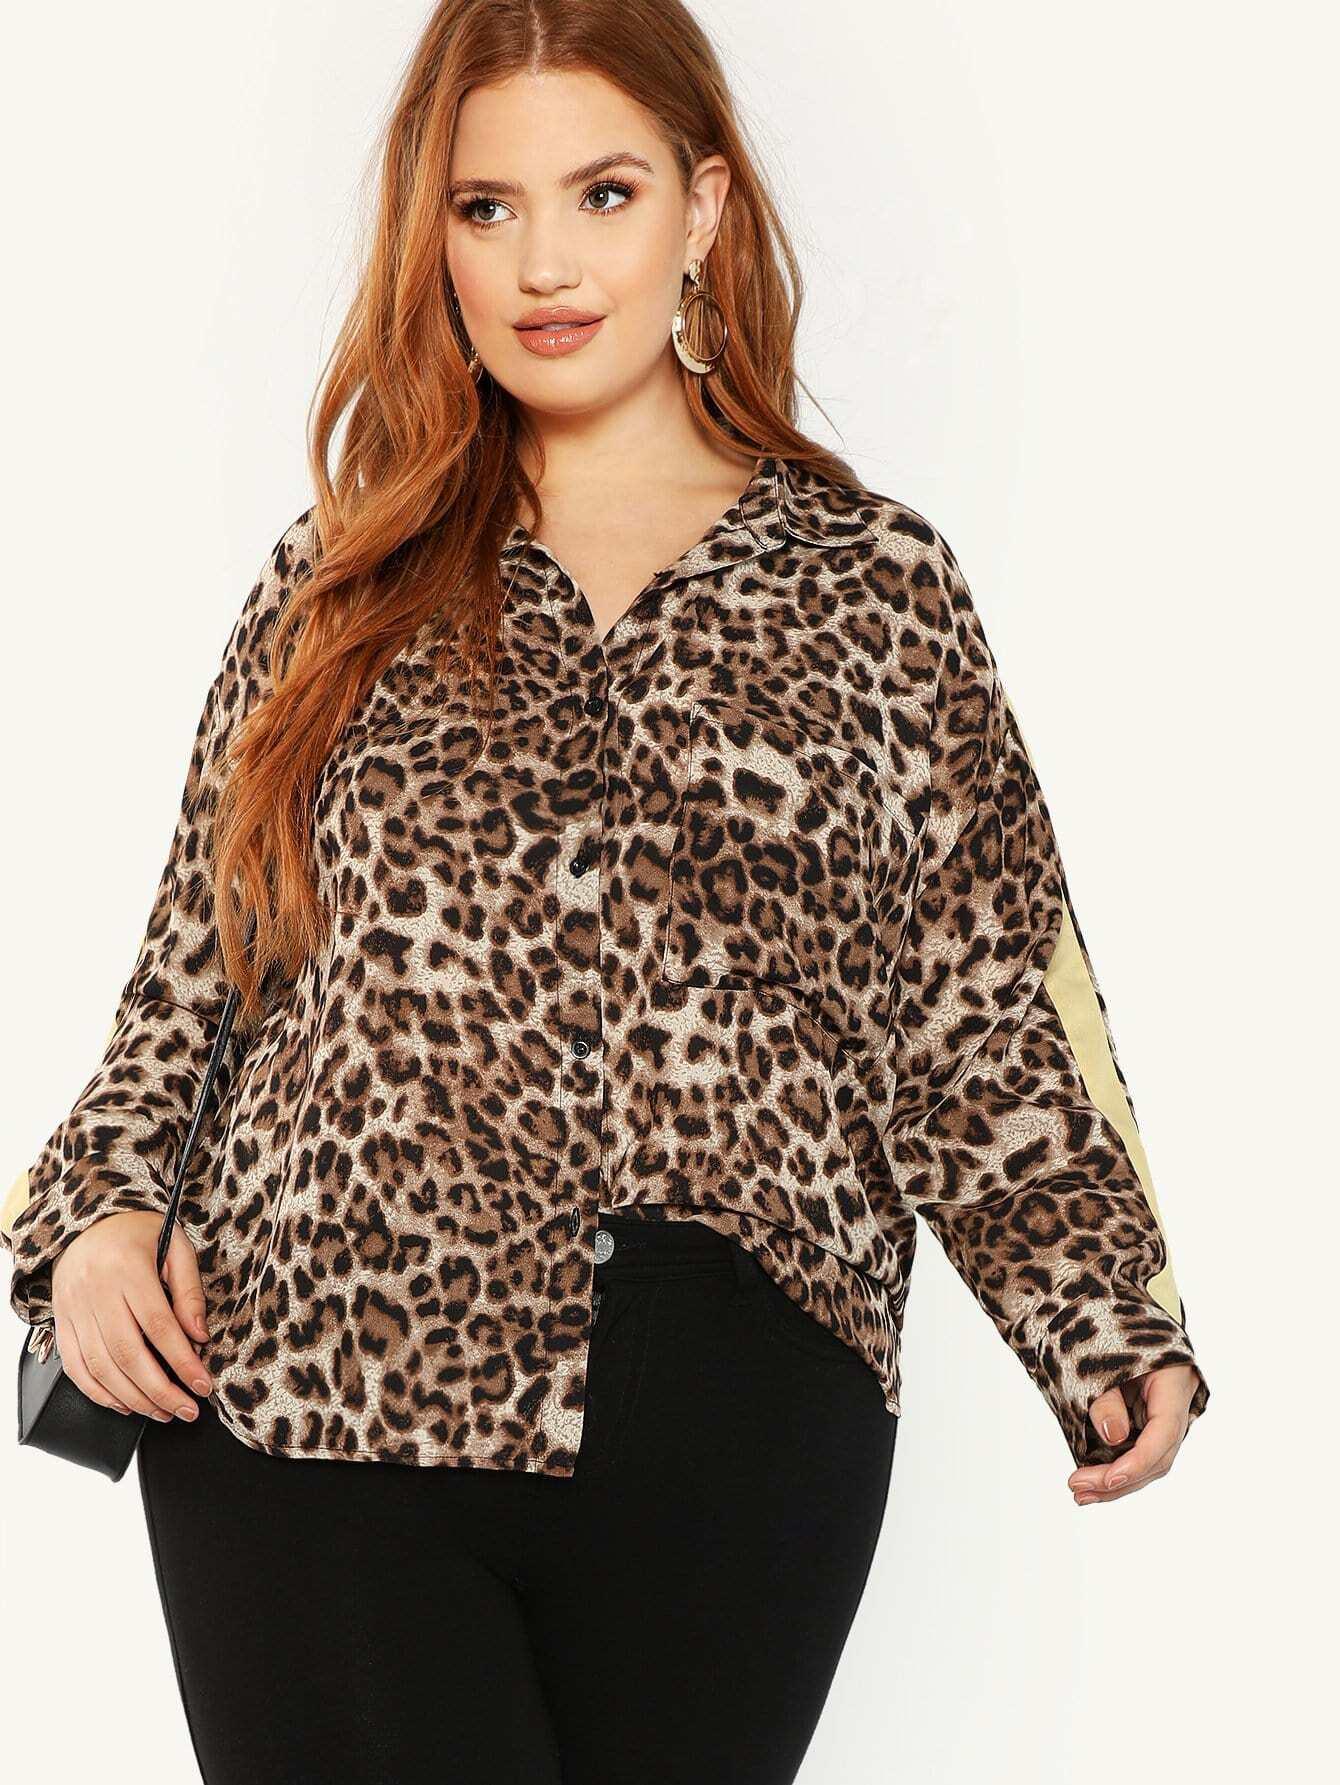 Купить Плюс размеры леопардовая блузка с карманом, Bree Kish, SheIn